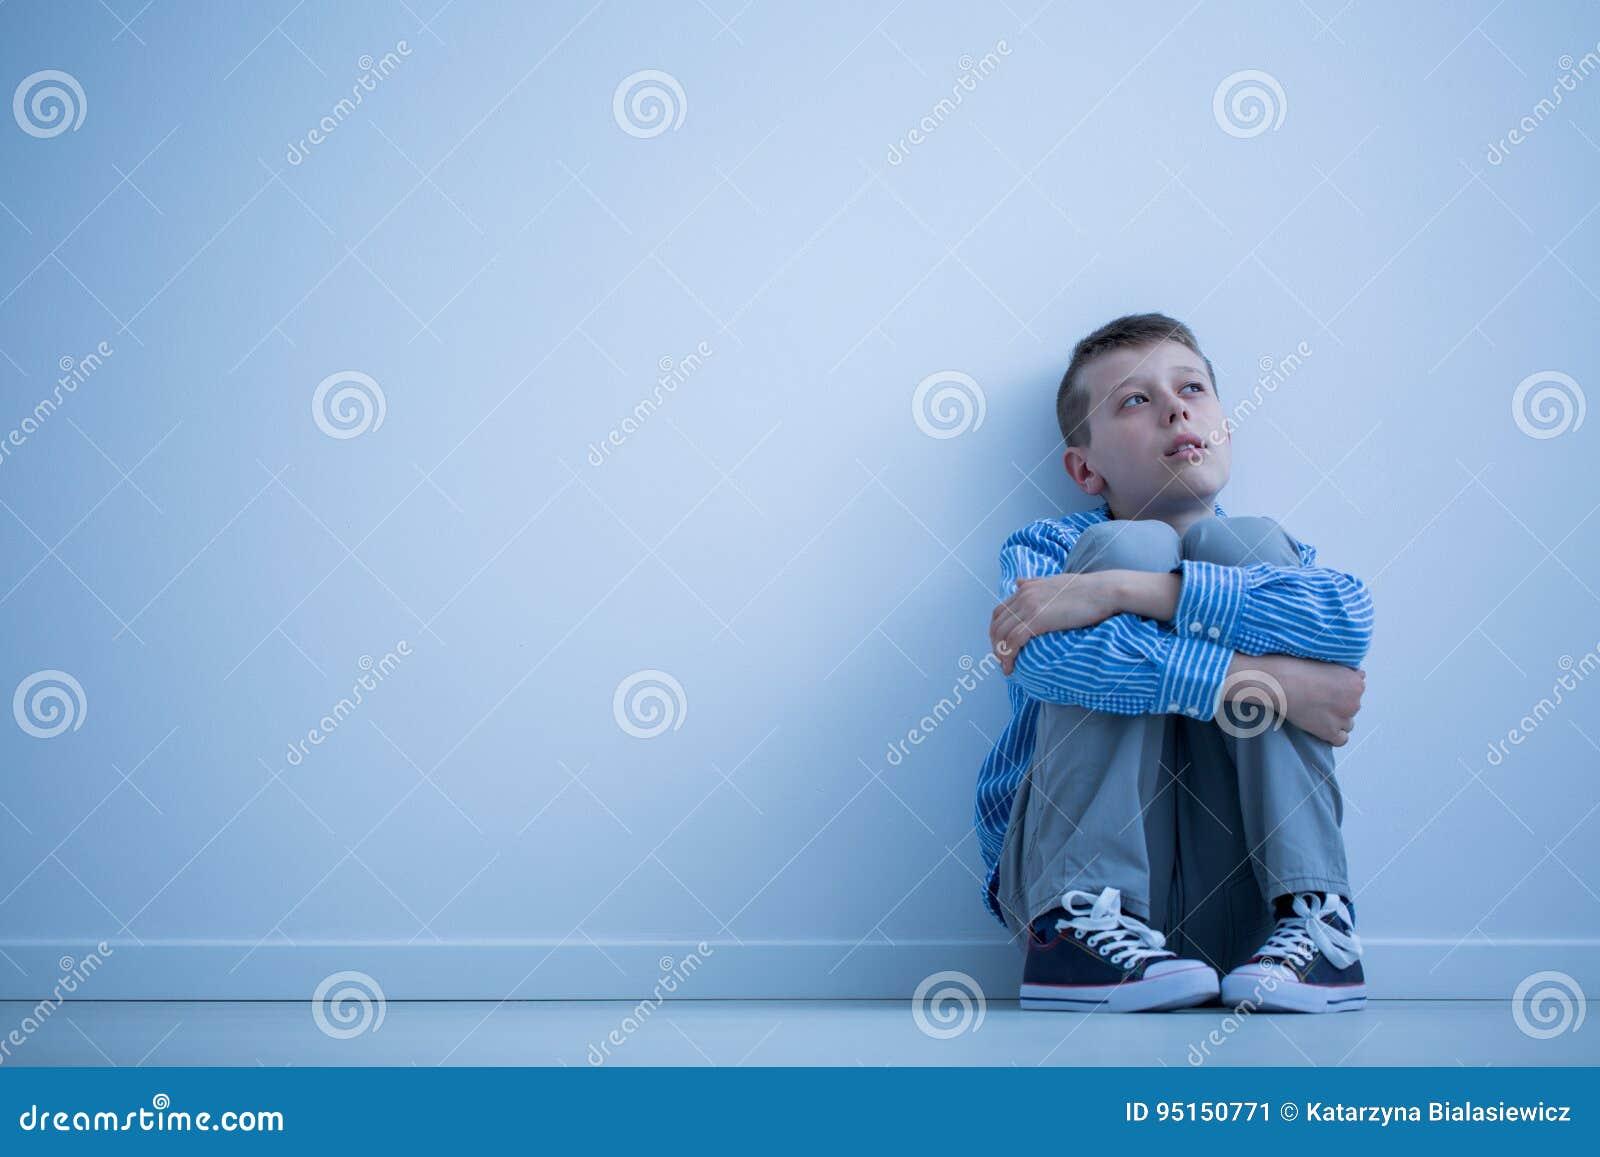 Autistisch kind op een vloer